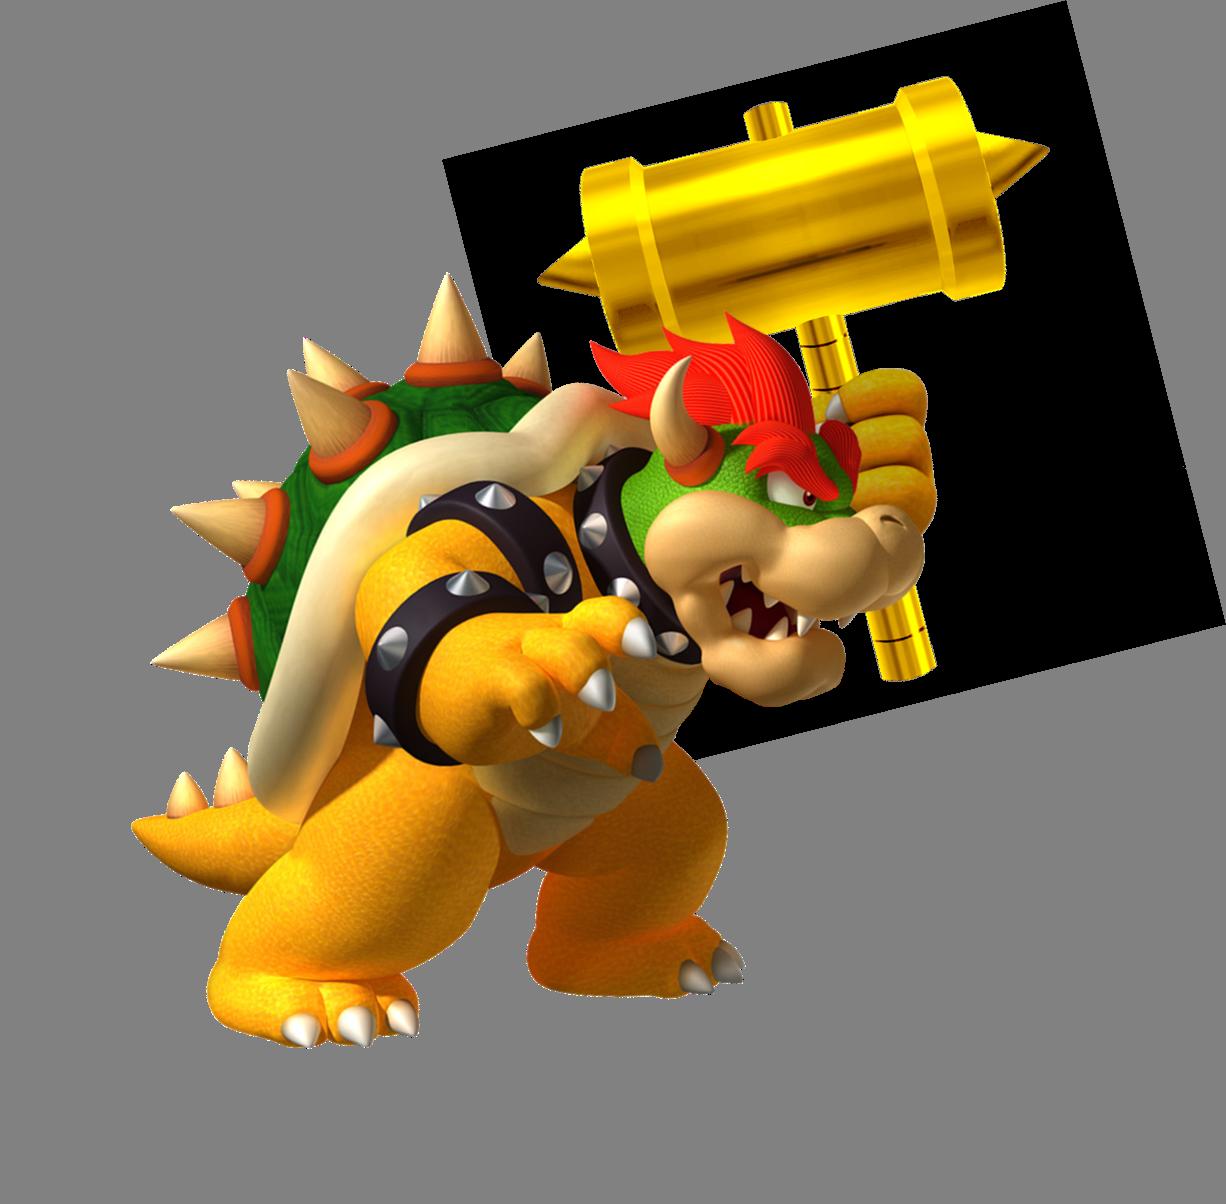 Mario clipart bowser The Fantendo Bowser star Nintendo